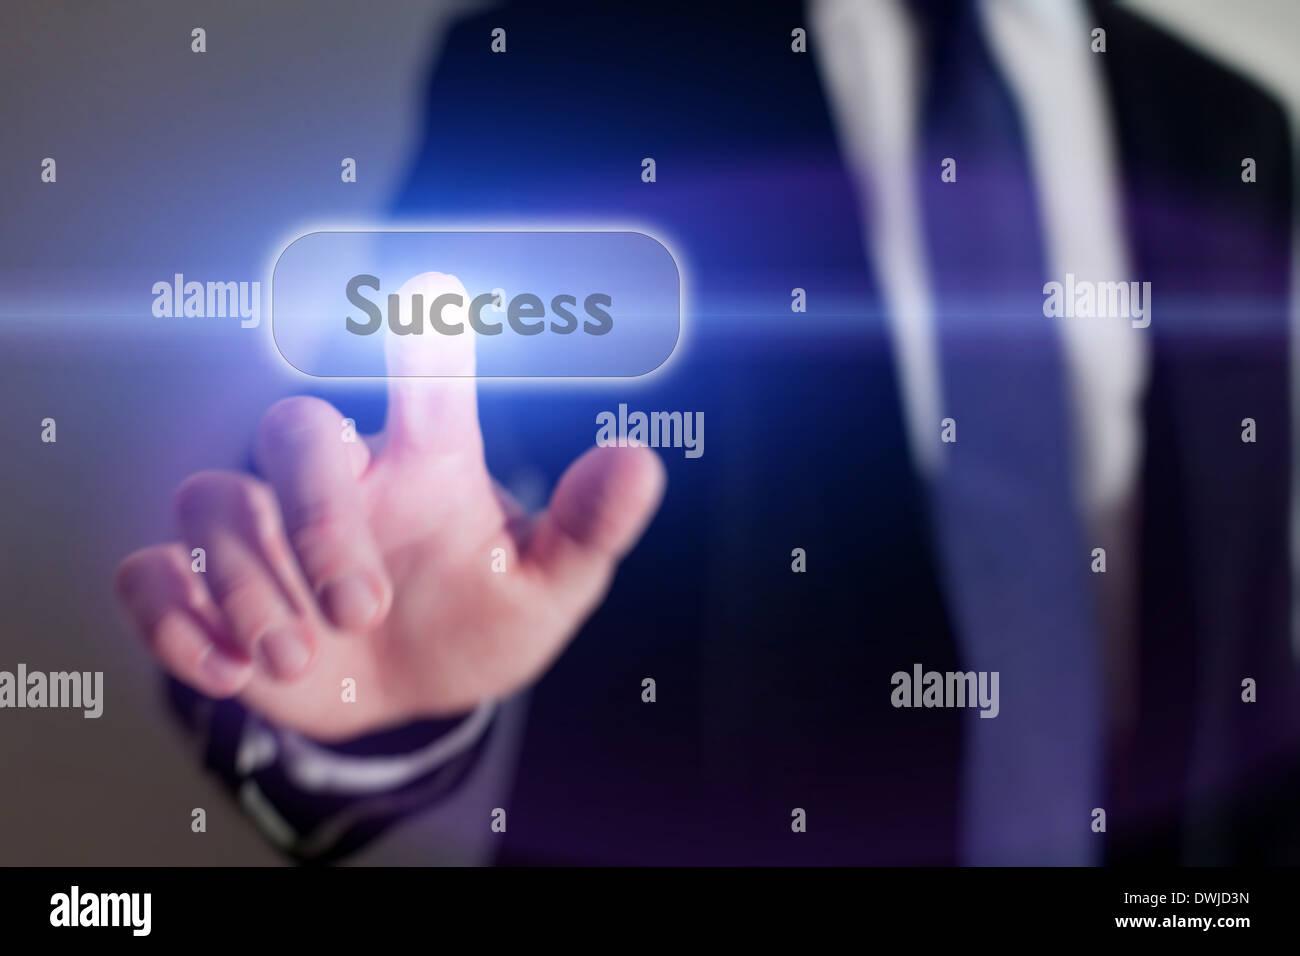 concept de réussite Photo Stock